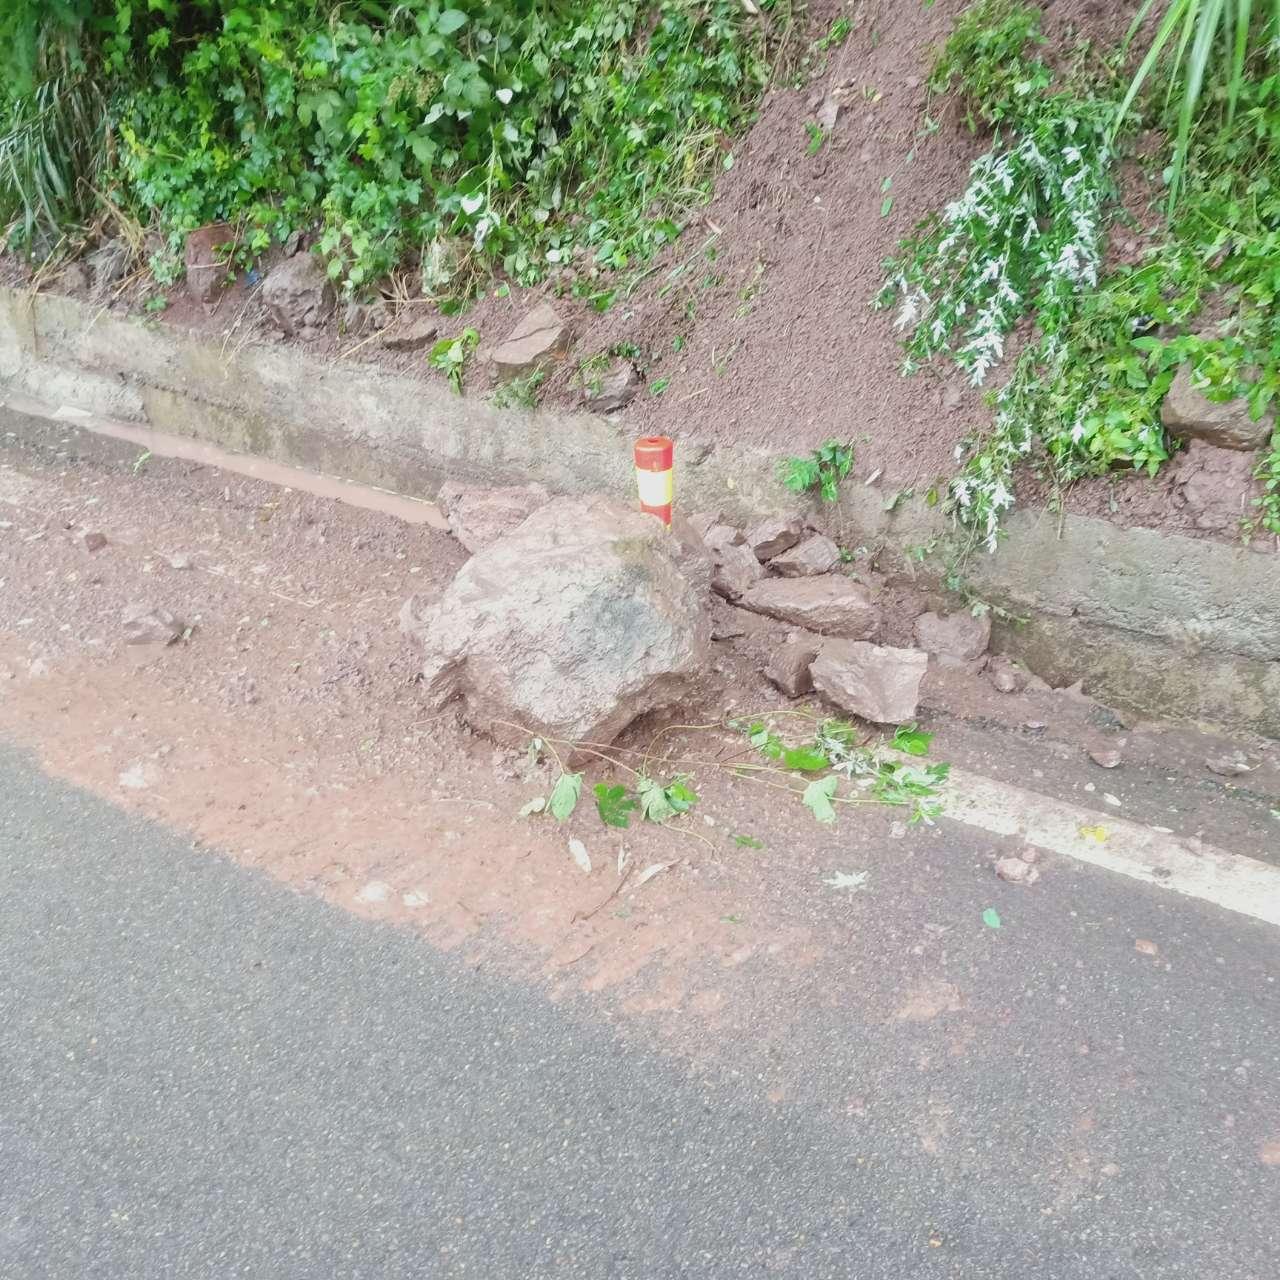 屏锦公路中间一巨石致车辆损坏较大,梁平公路局有责任吗